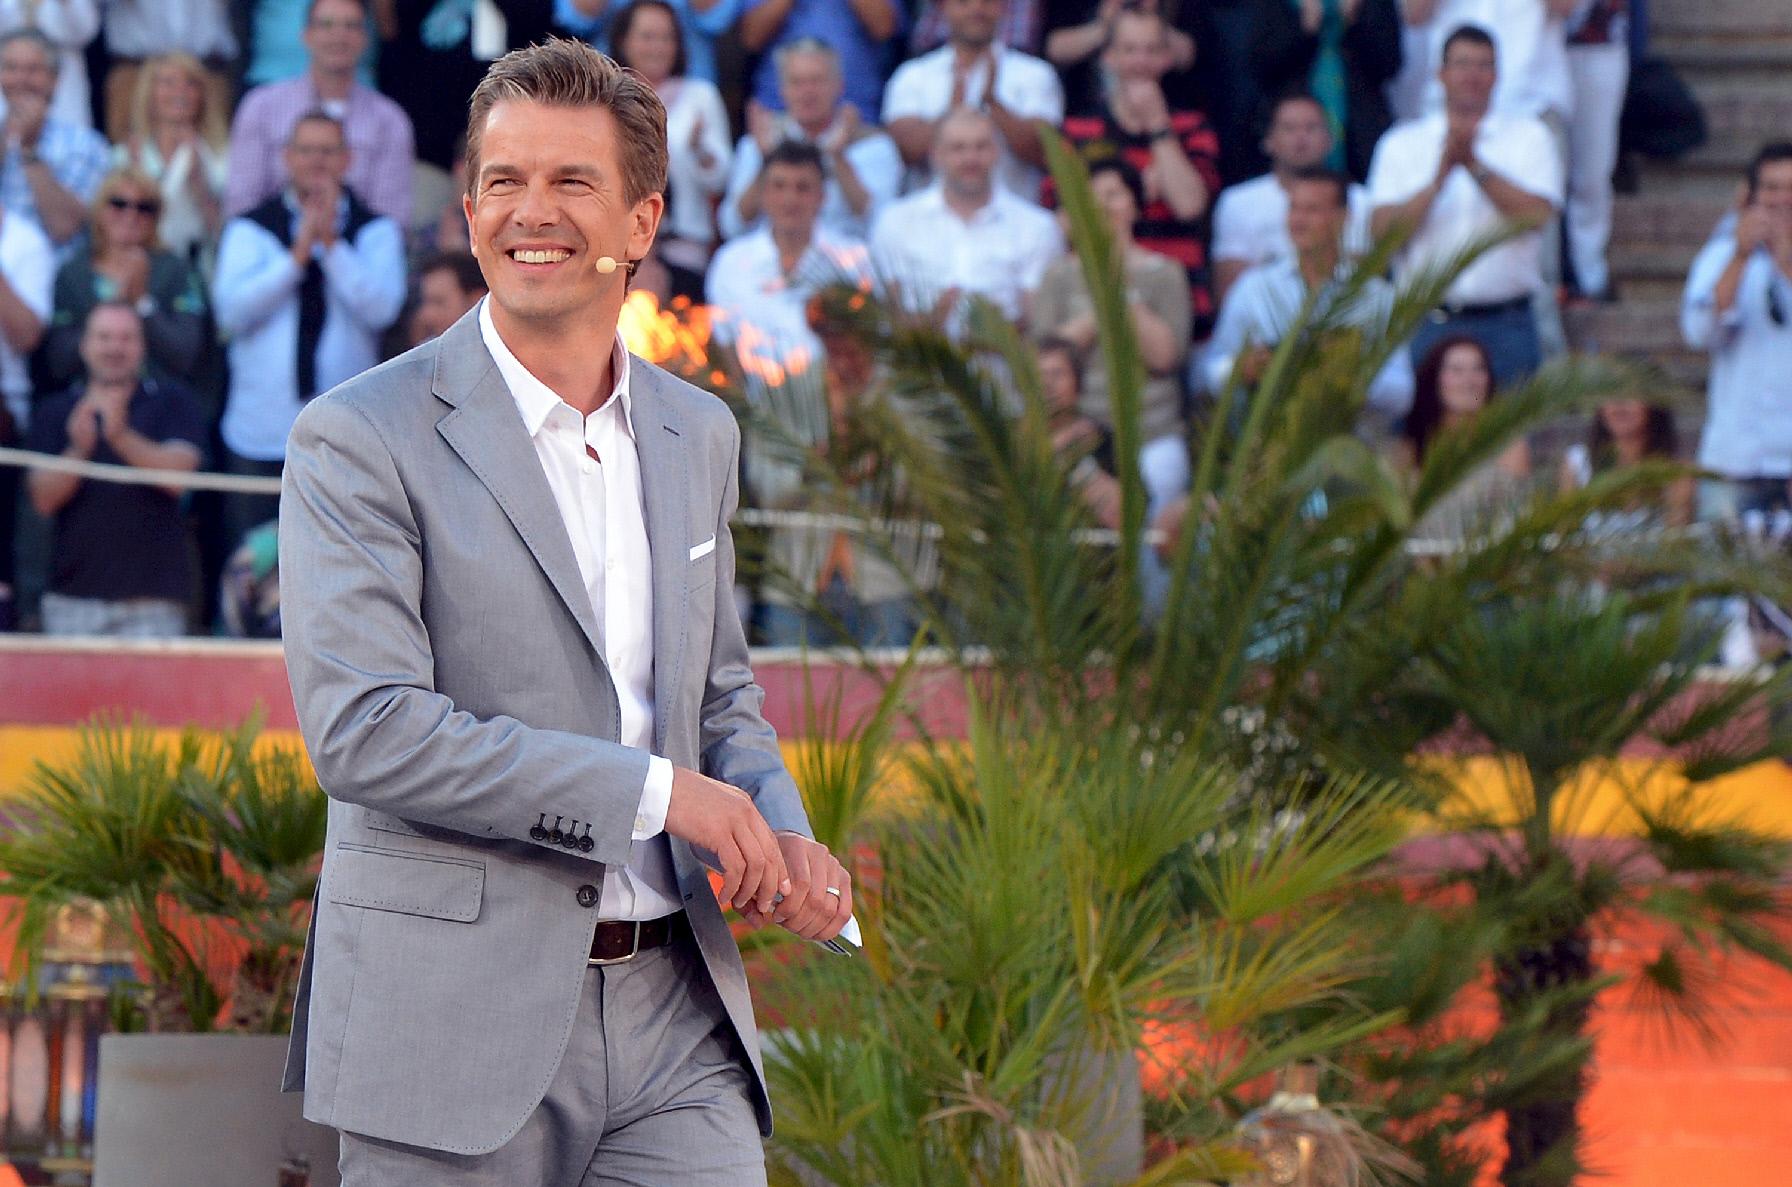 Markus Lanz Honorarfrei - nur für diese Sendung bei Nennung ZDF und Sascha Baumann